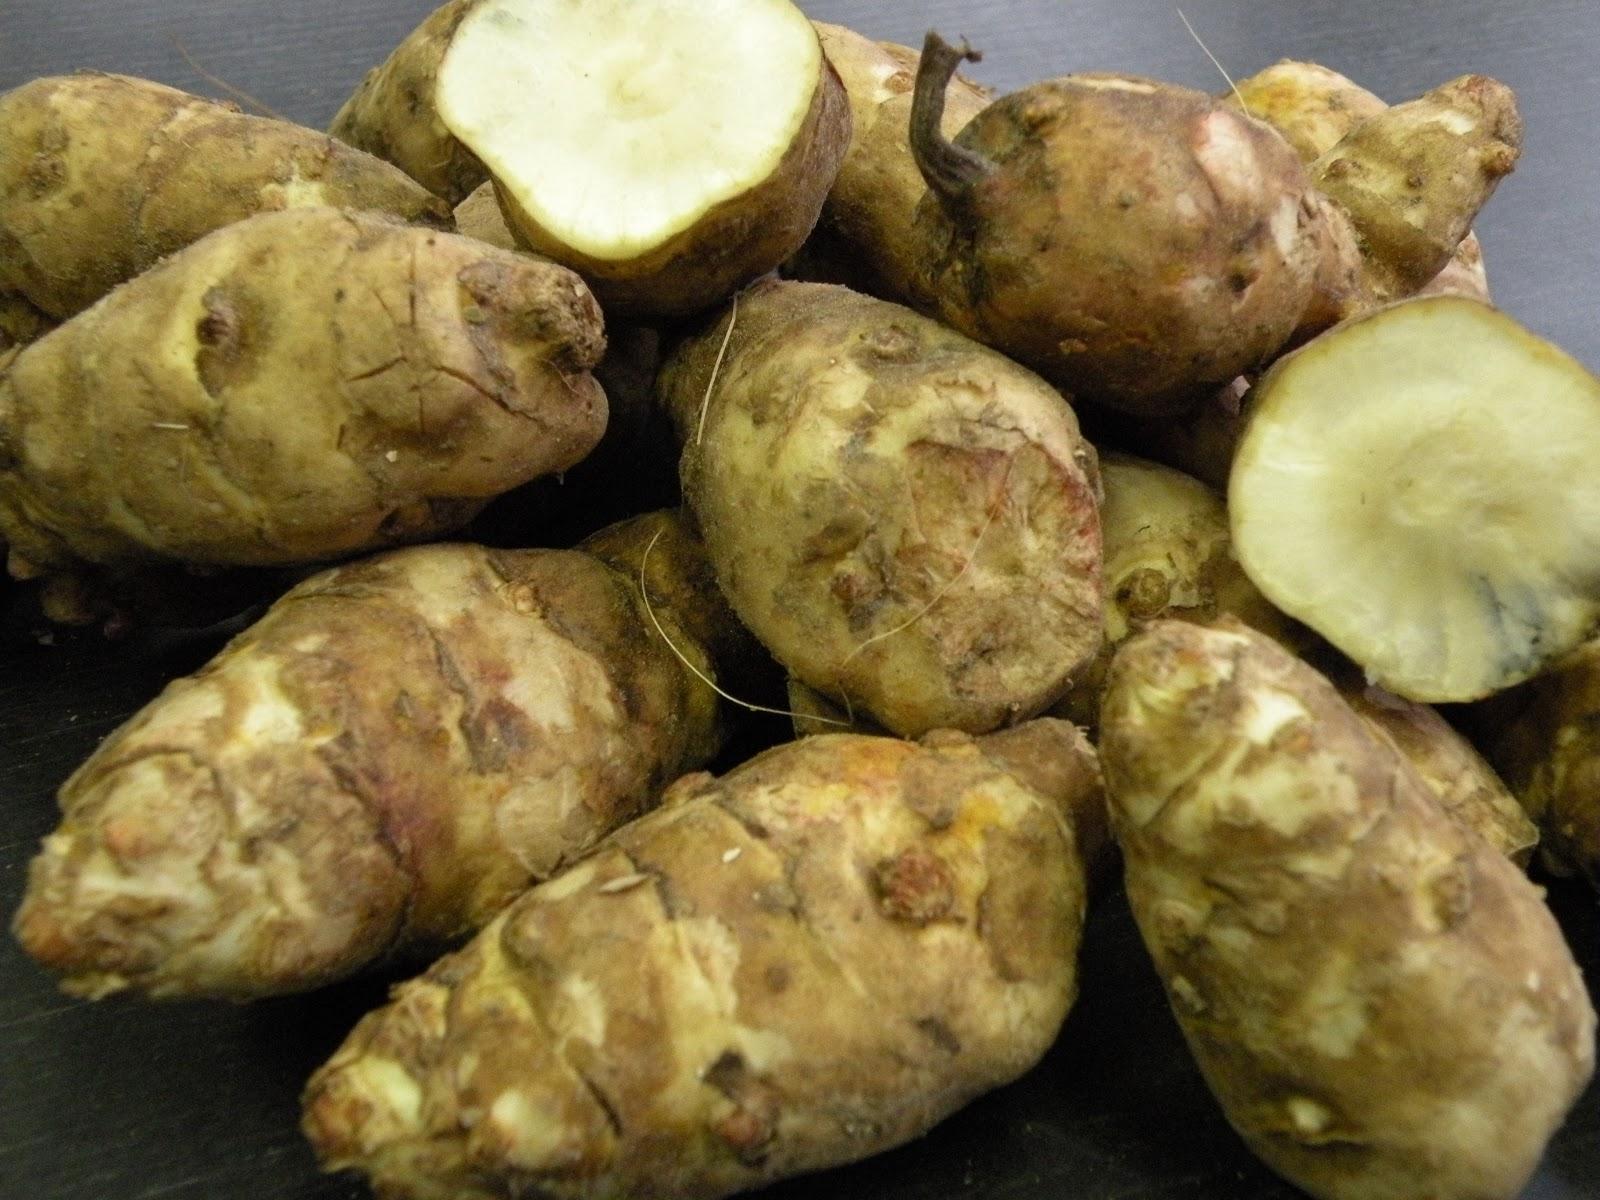 hoeveel gram is een aardappel